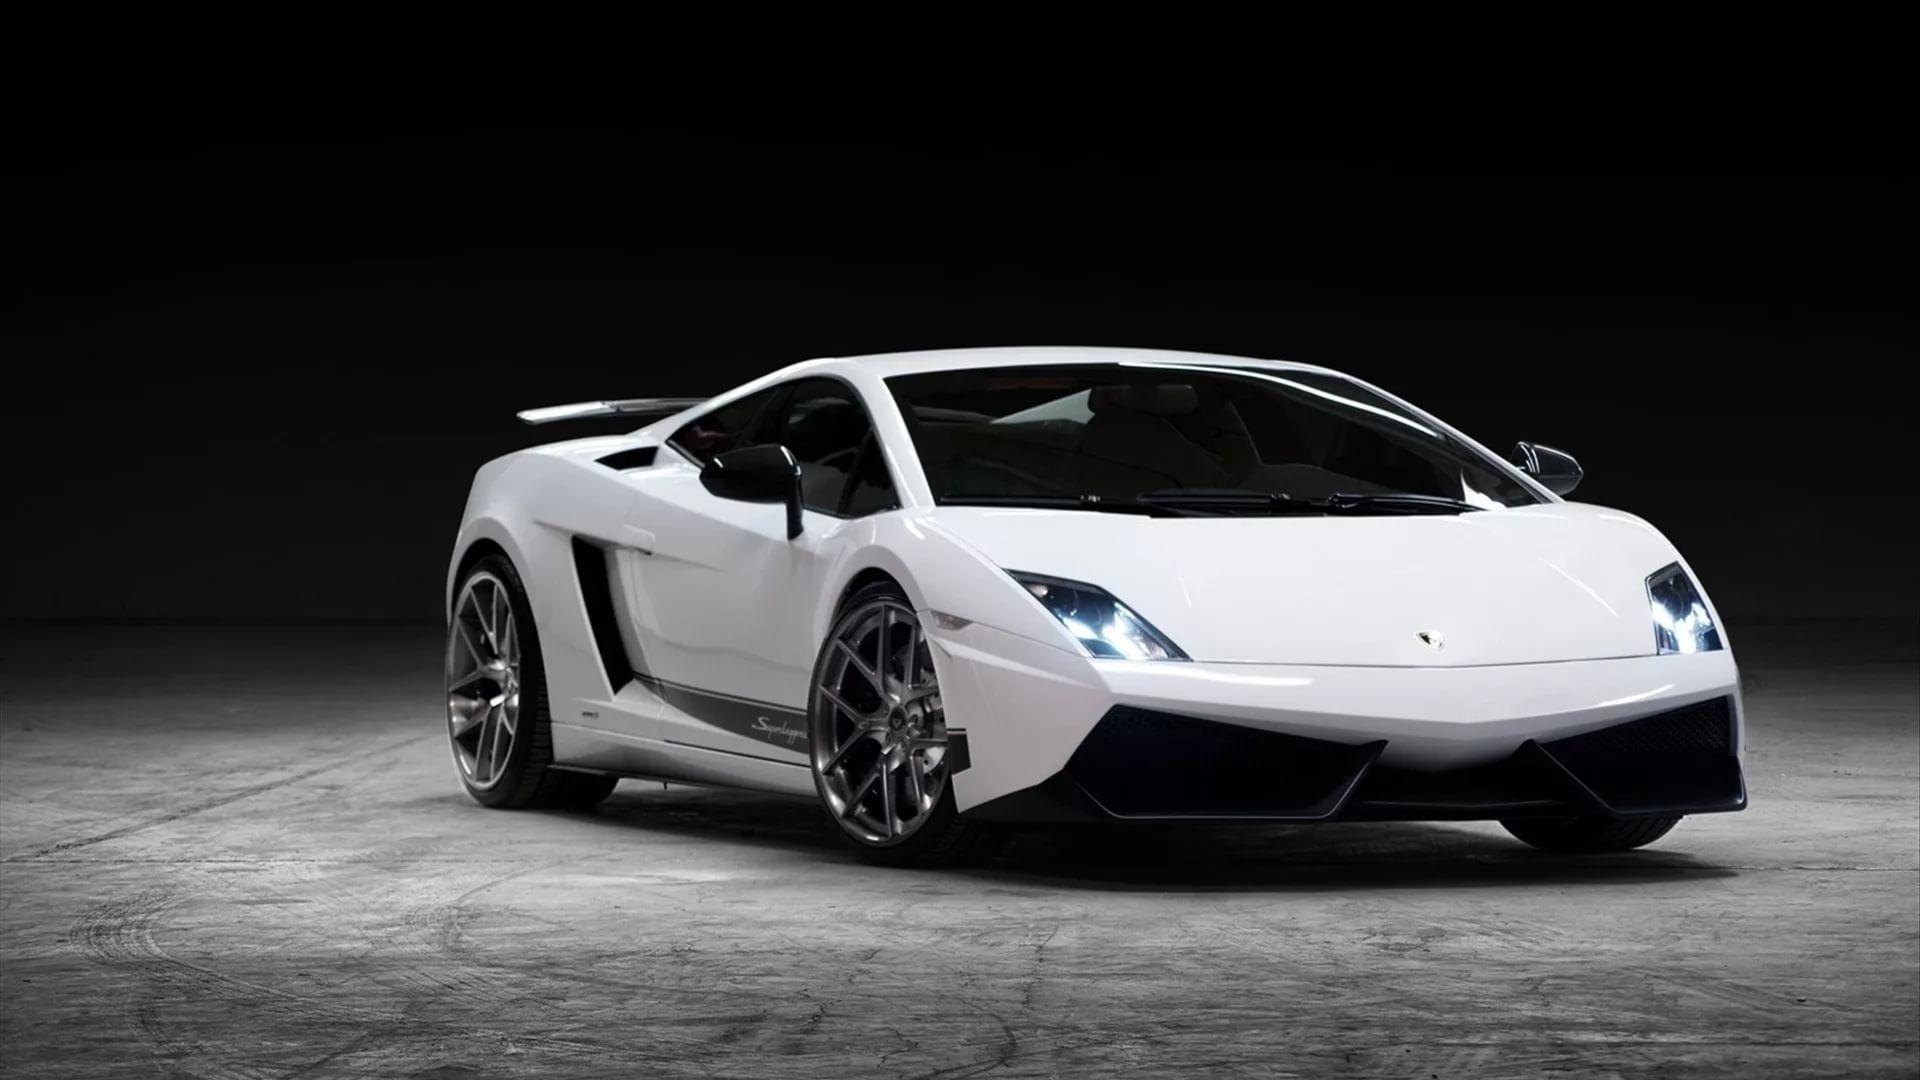 Lamborghini full wallpaper